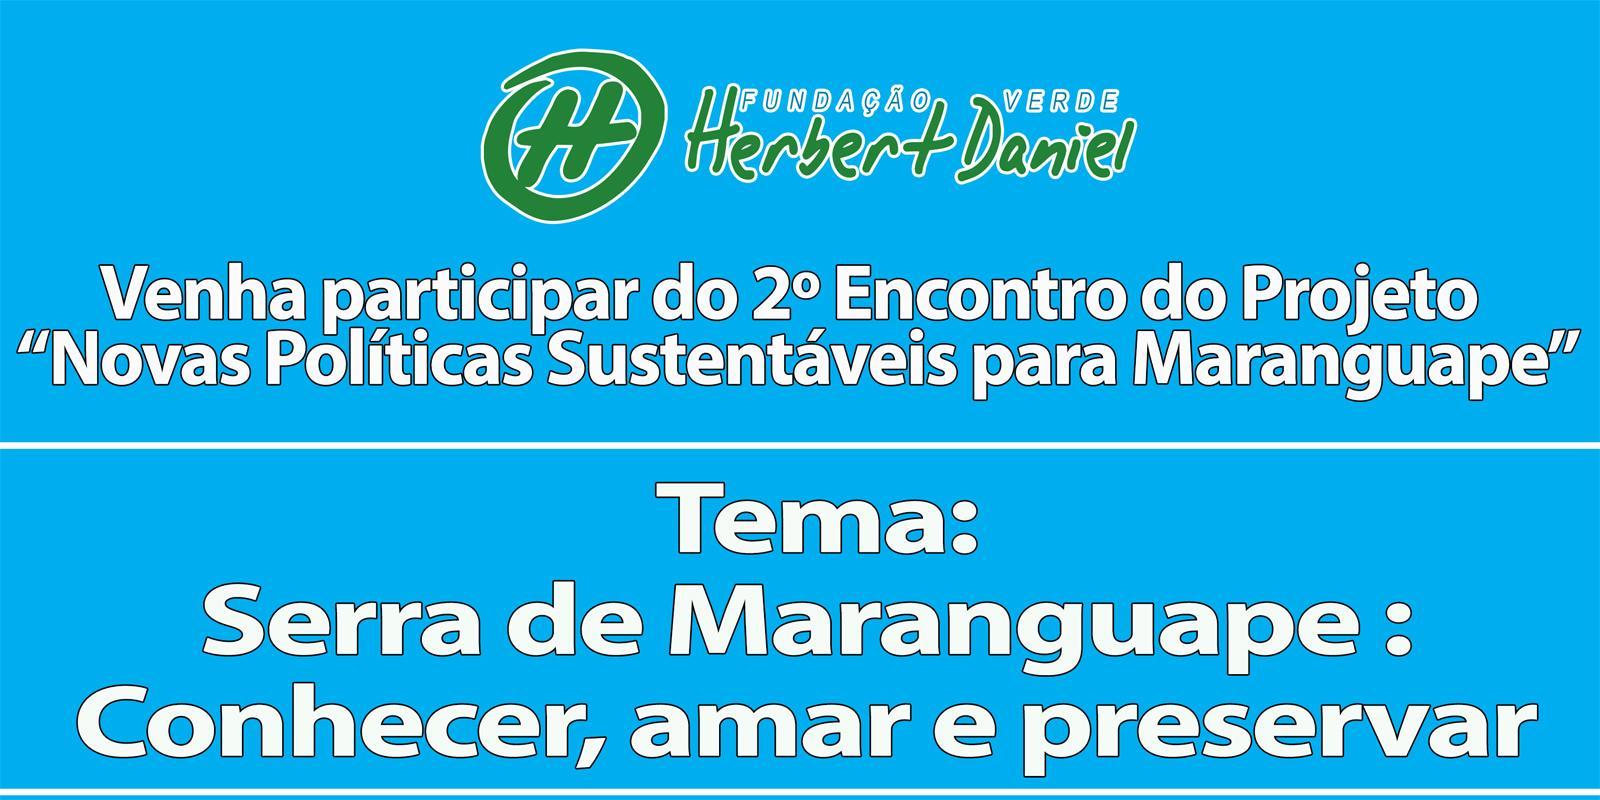 Fundação Verde Herbert Daniel realiza encontro sobre a Serra de Maranguape